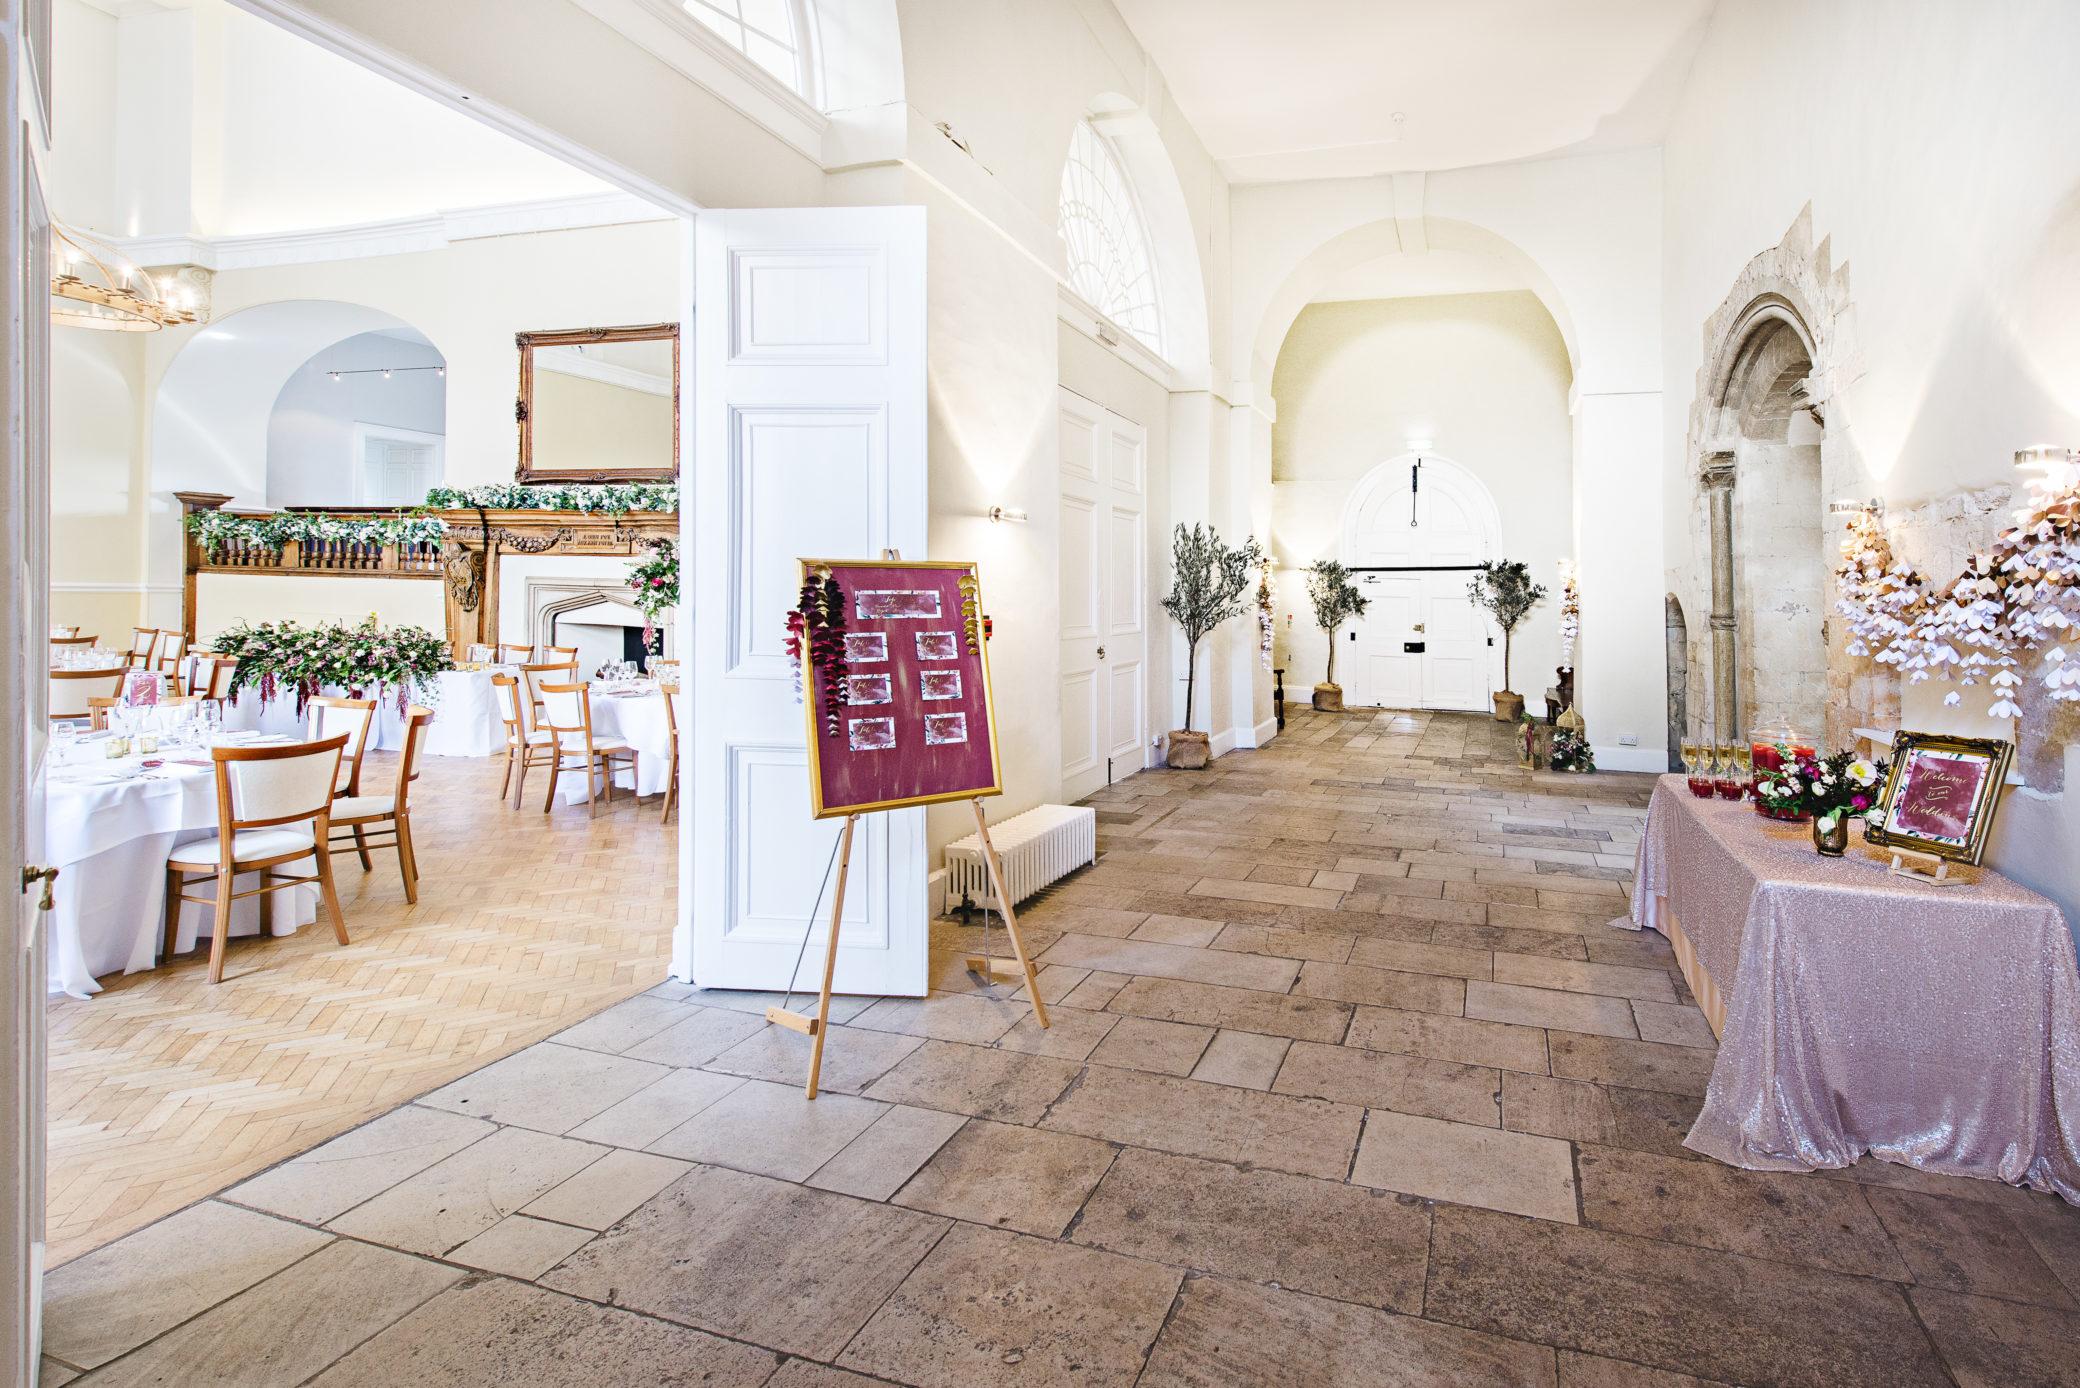 Historic venue for weddings in Surrey